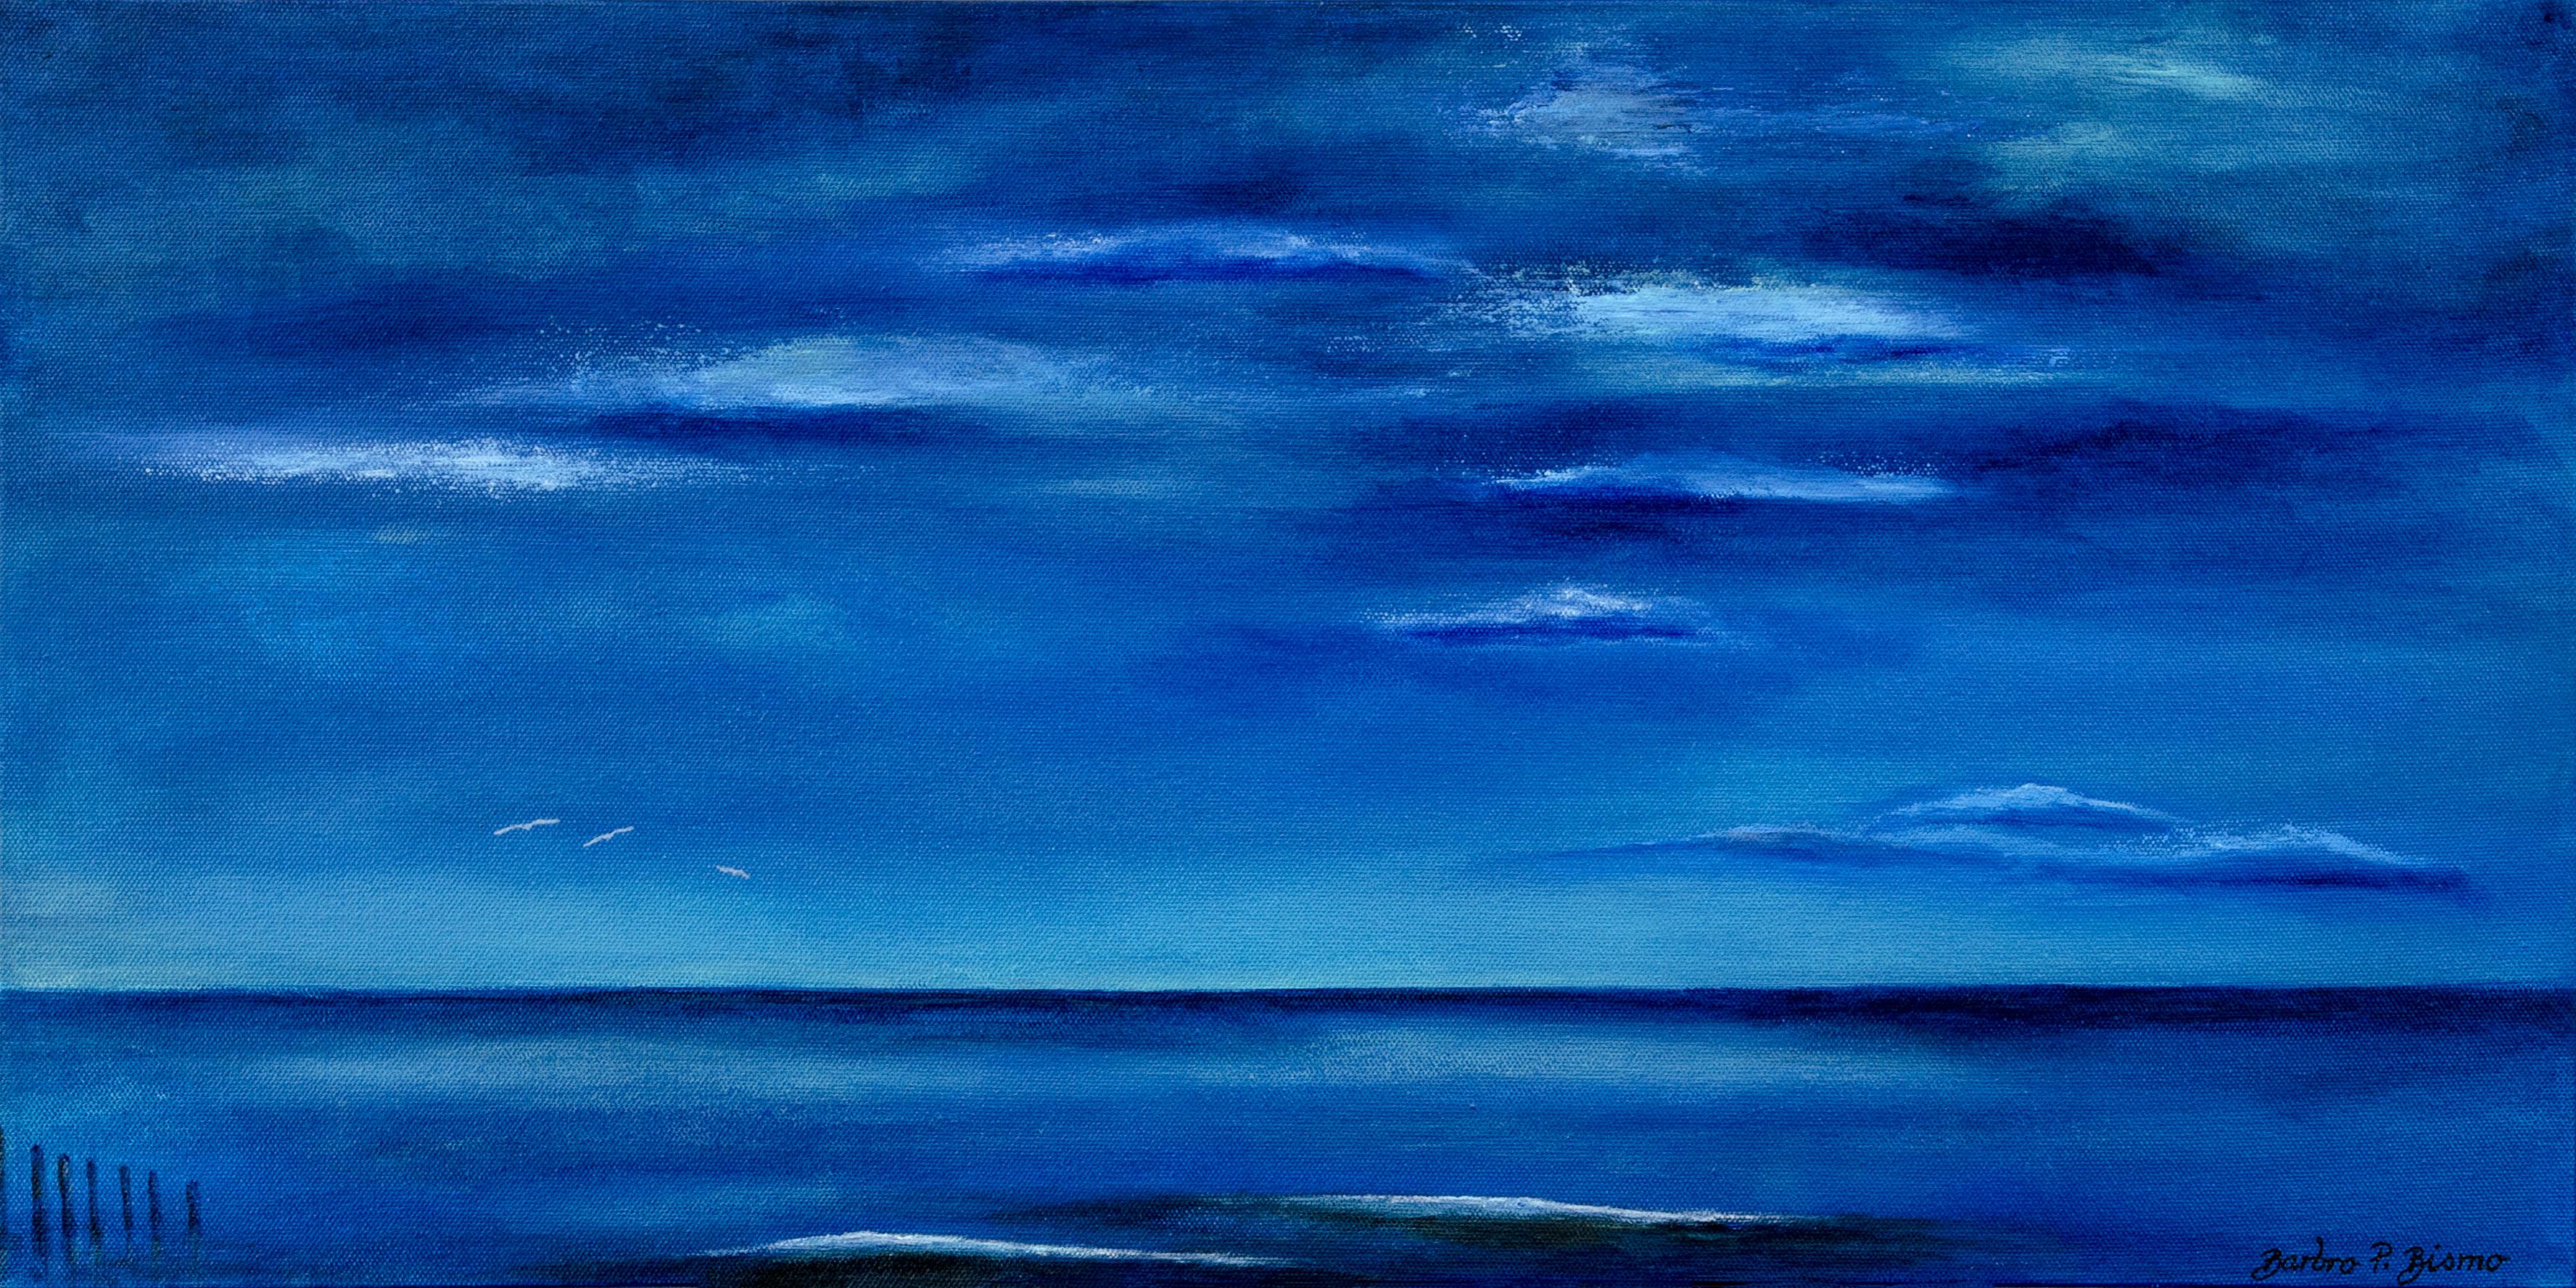 Der himmel og hav møtes